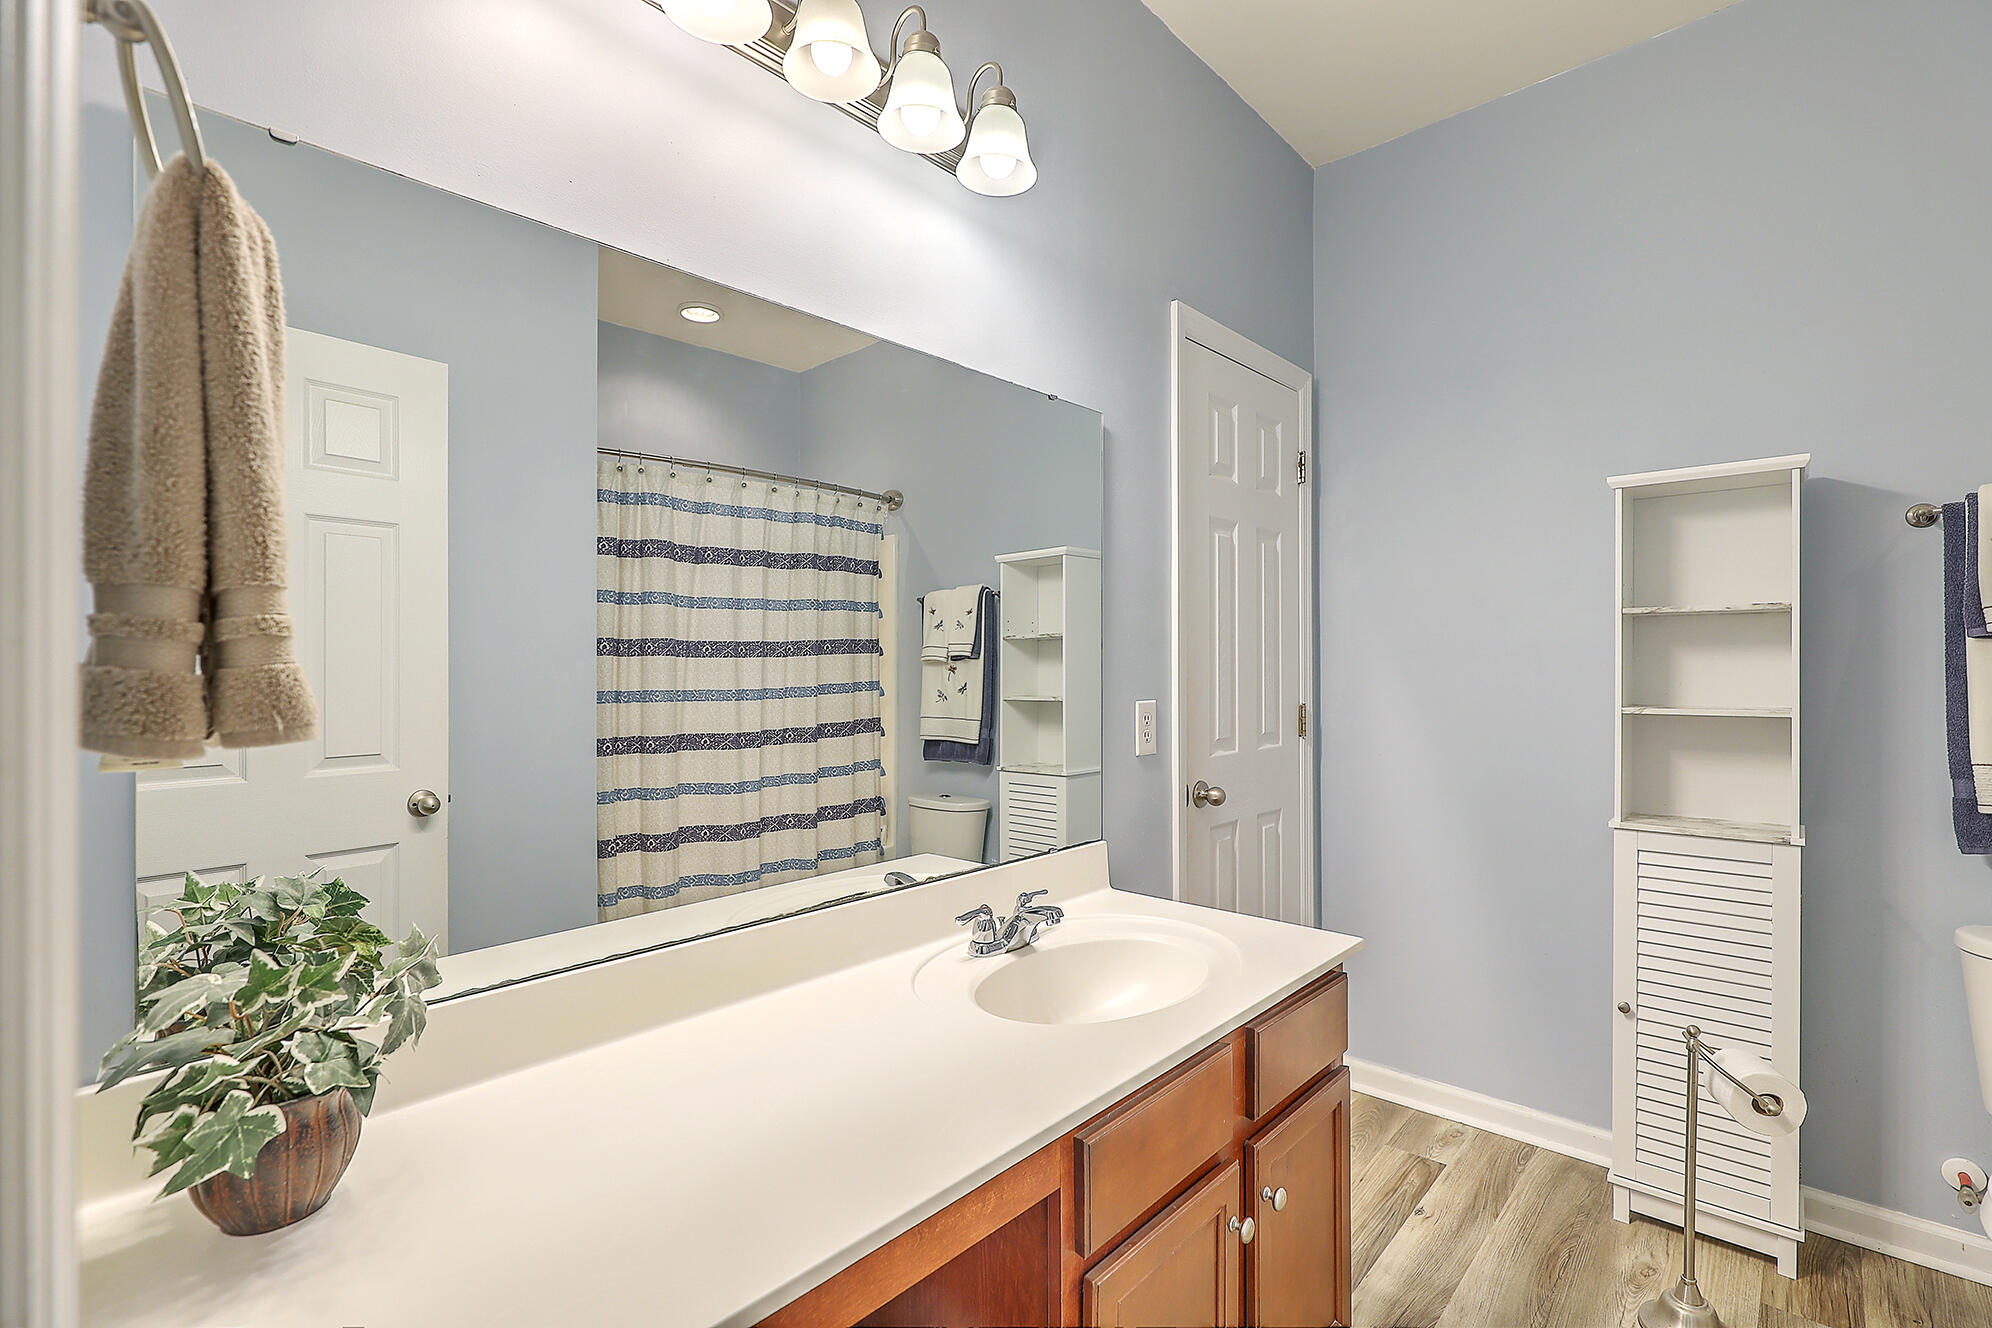 Lieben Park Homes For Sale - 3631 Franklin Tower, Mount Pleasant, SC - 10